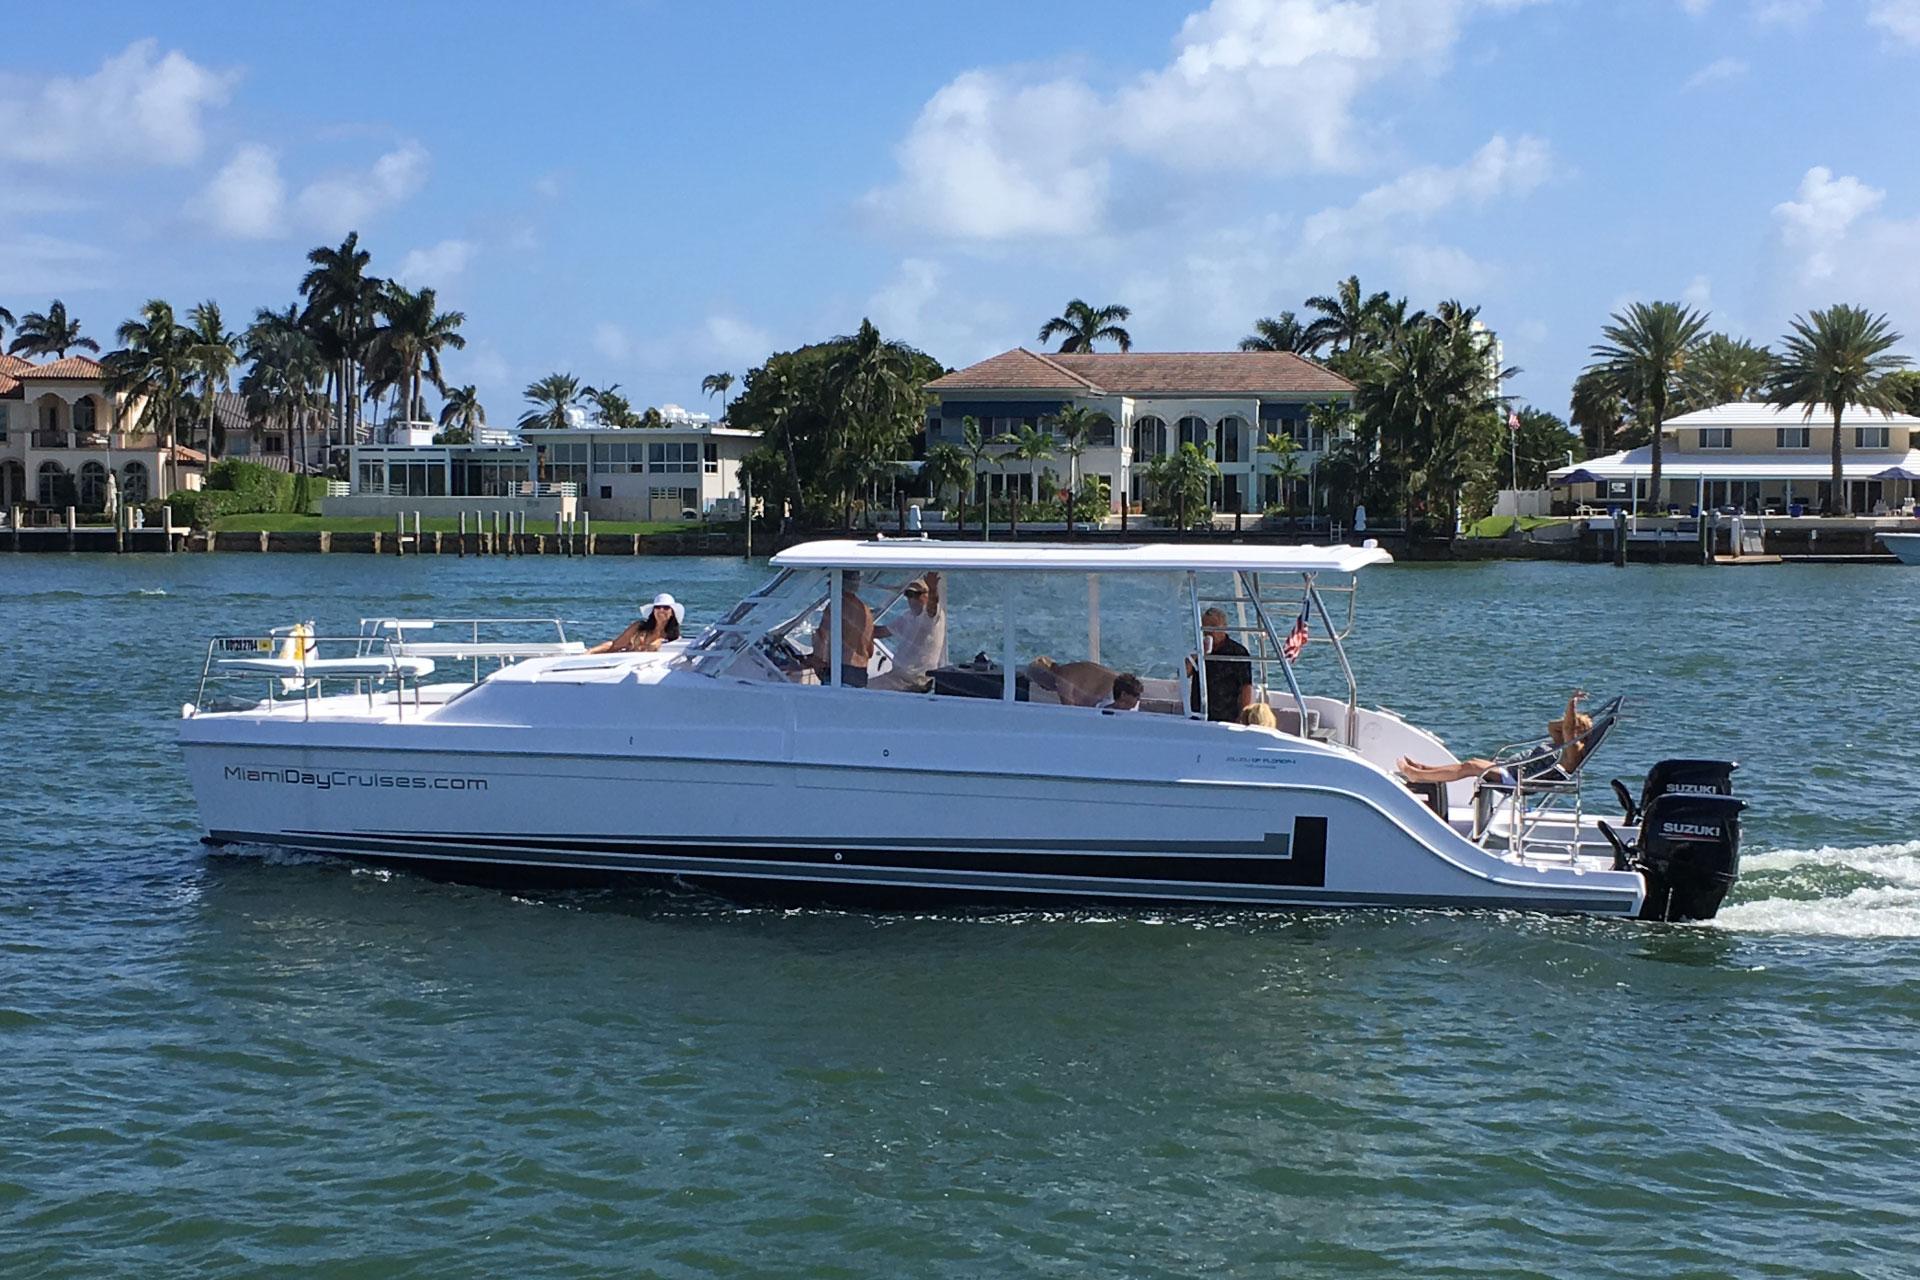 Gemini Power 300 Catamaran